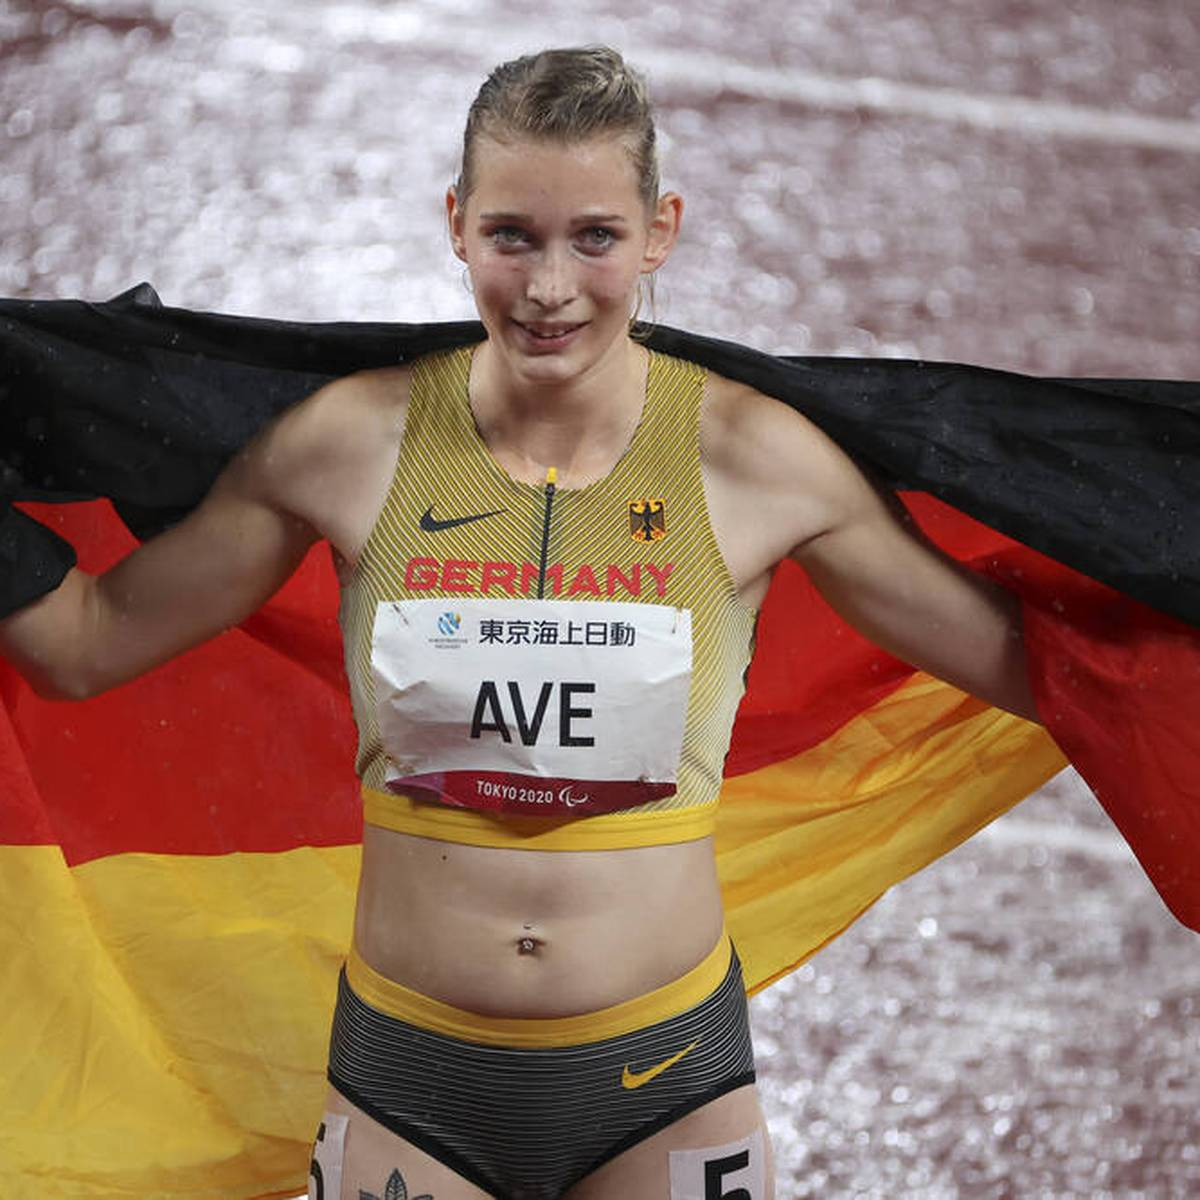 Weltrekord und Gold! Para-Sprinterin Ave brilliert